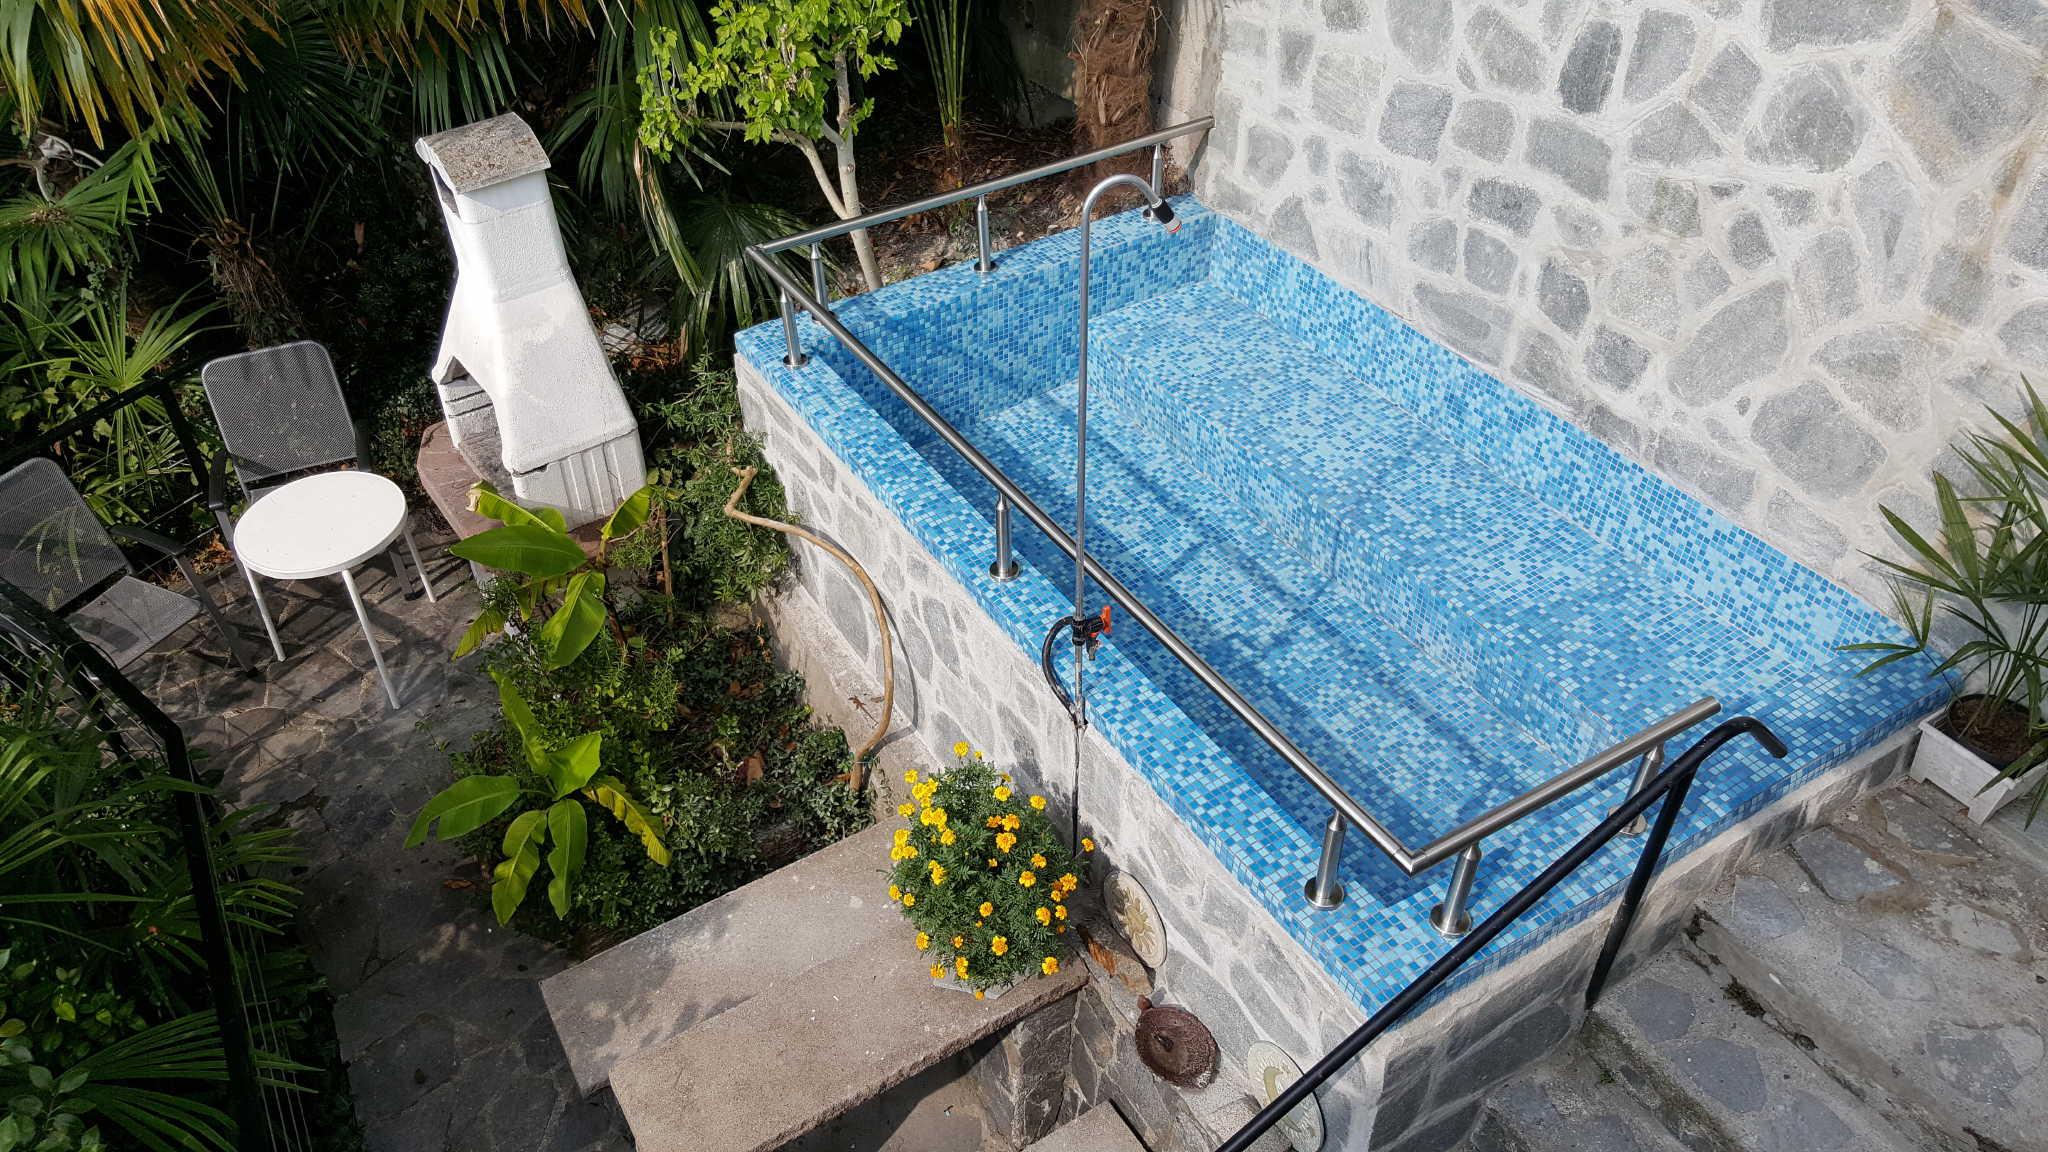 Badebecken (vom Mieter zu reinigen)